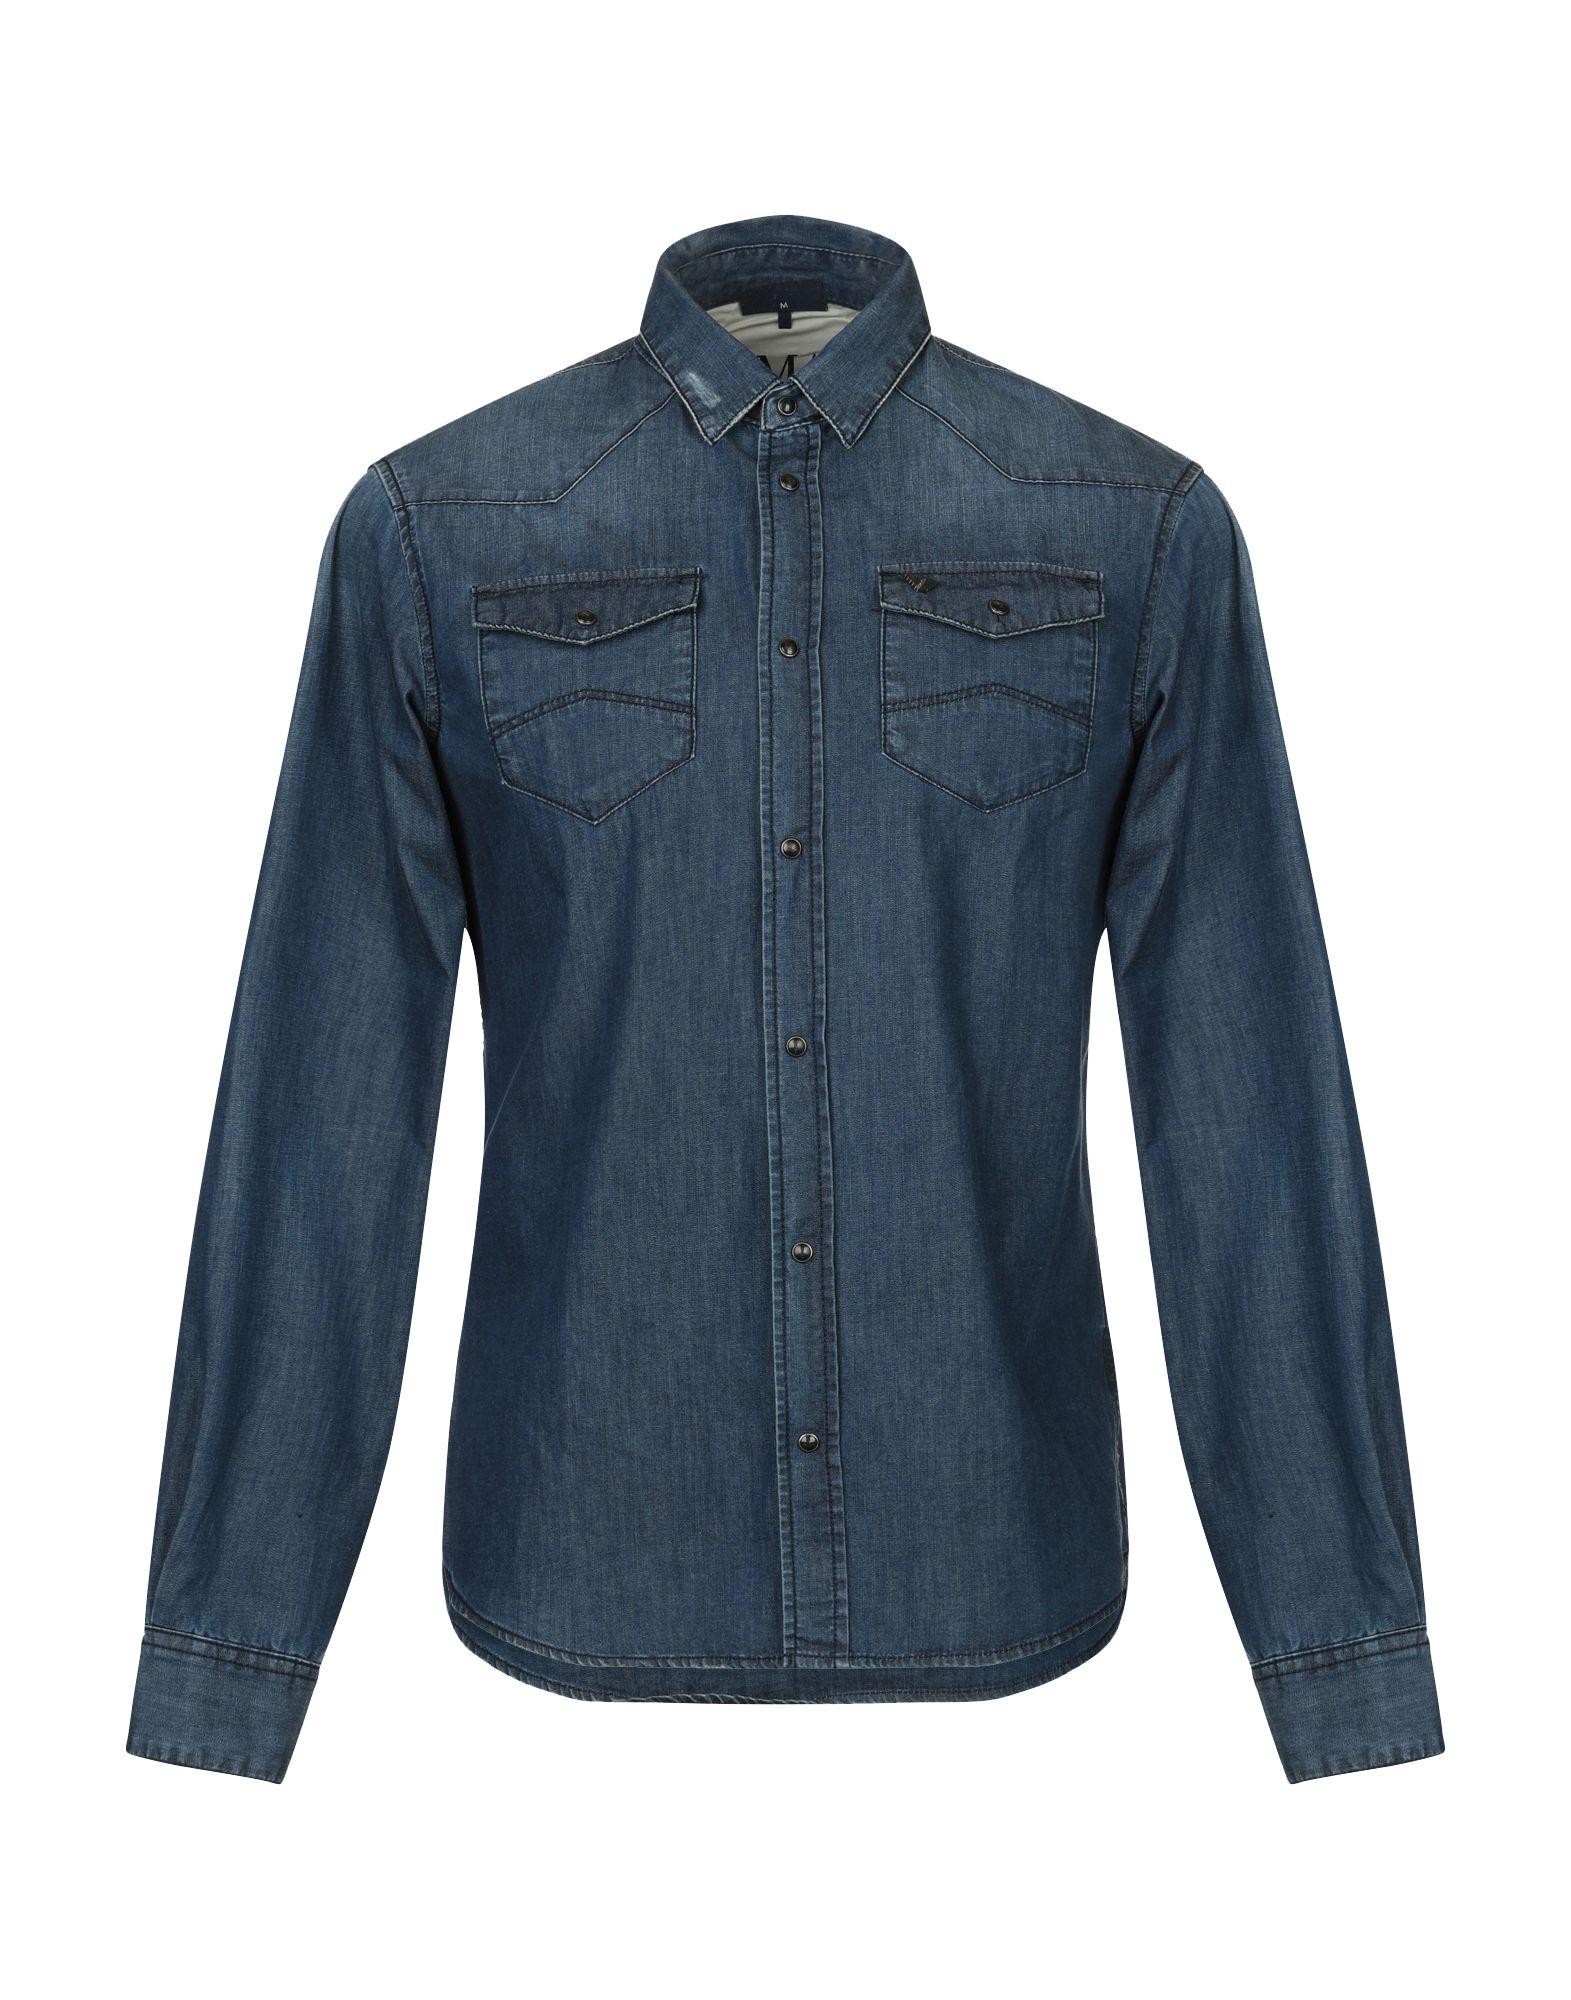 Фото - ARMANI JEANS Джинсовая рубашка брошь blucome bijouteria esmaltes 7106100495